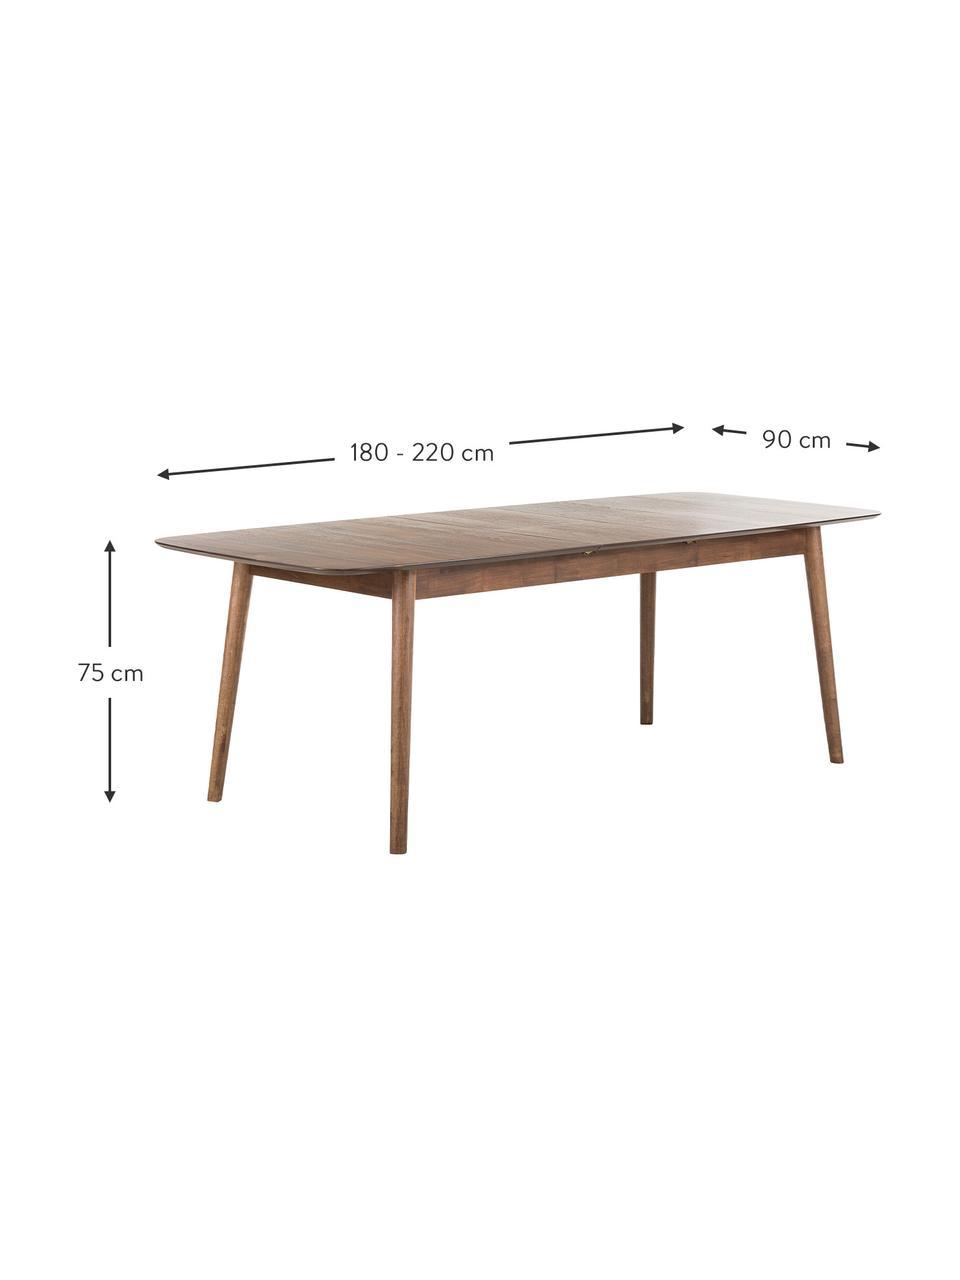 Tavolo allungabile con finitura in noce Montreux, 180 - 220 x 90 cm, Gambe: legno di albero della gom, Piano: noce Gambe: marrone tinto scuro, Larg. 180 a 220 x Prof. 90 cm